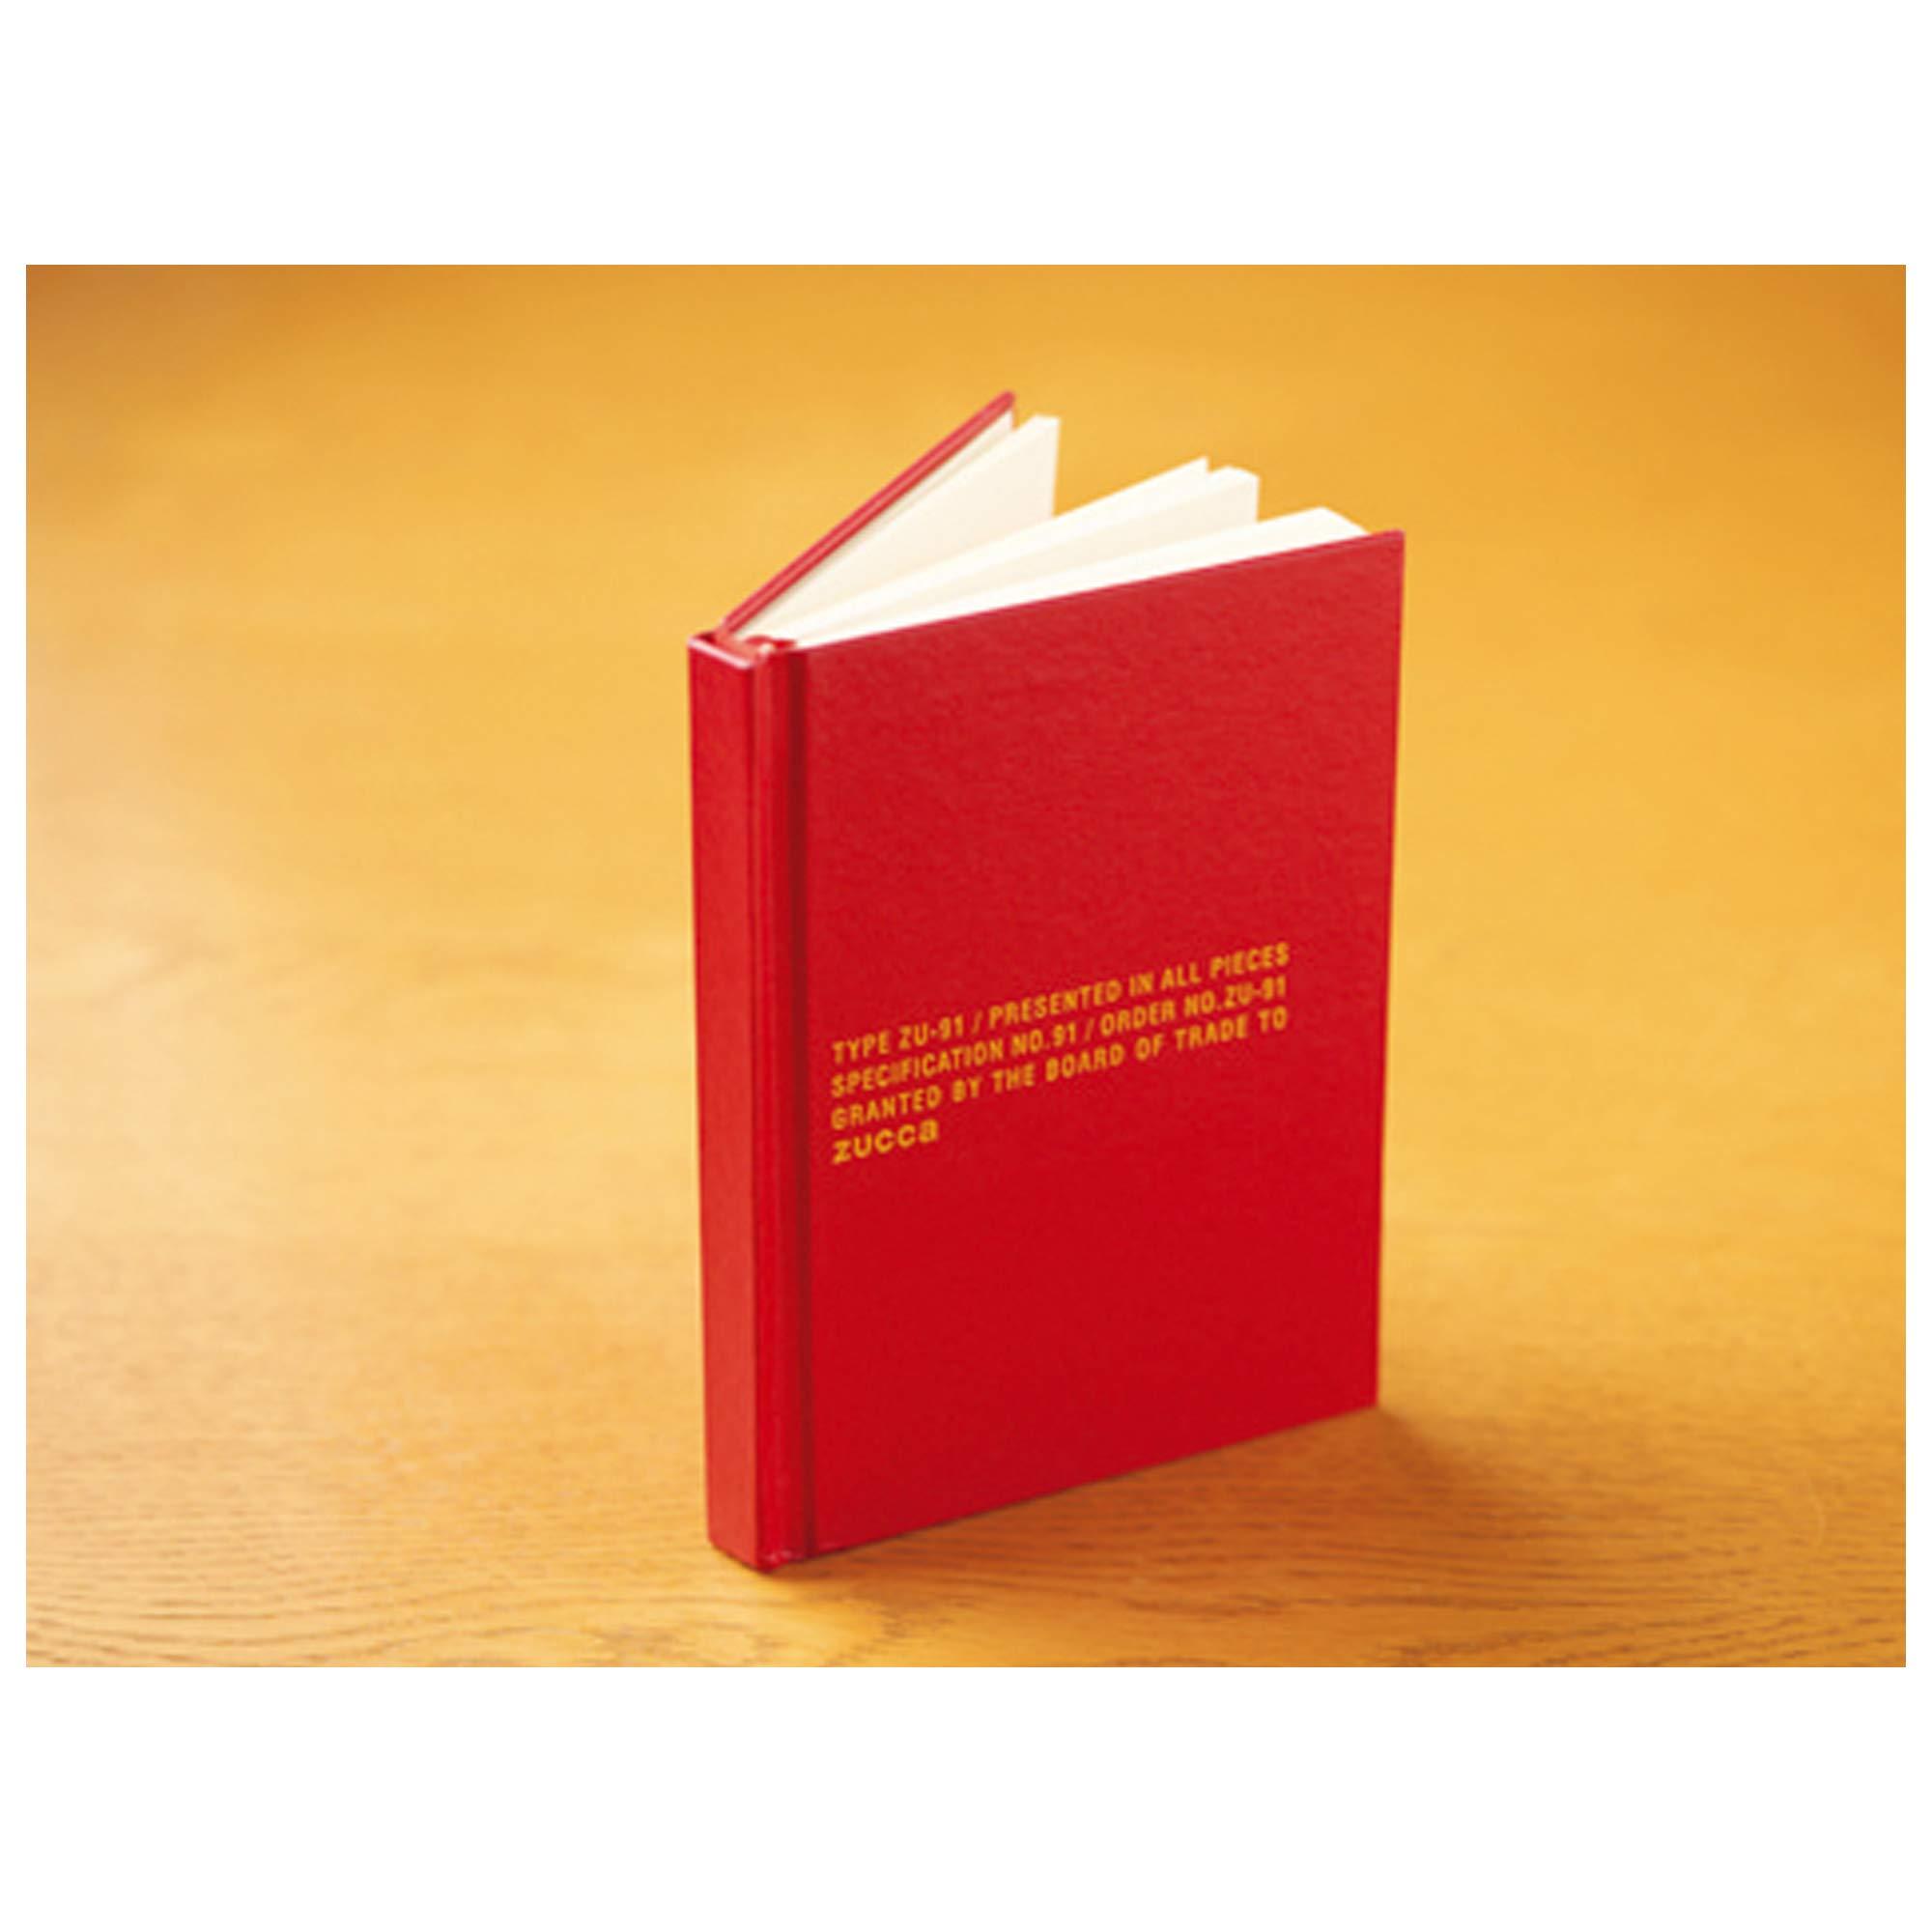 雑誌の付録が好きな奧様【有り】143冊目 ->画像>781枚